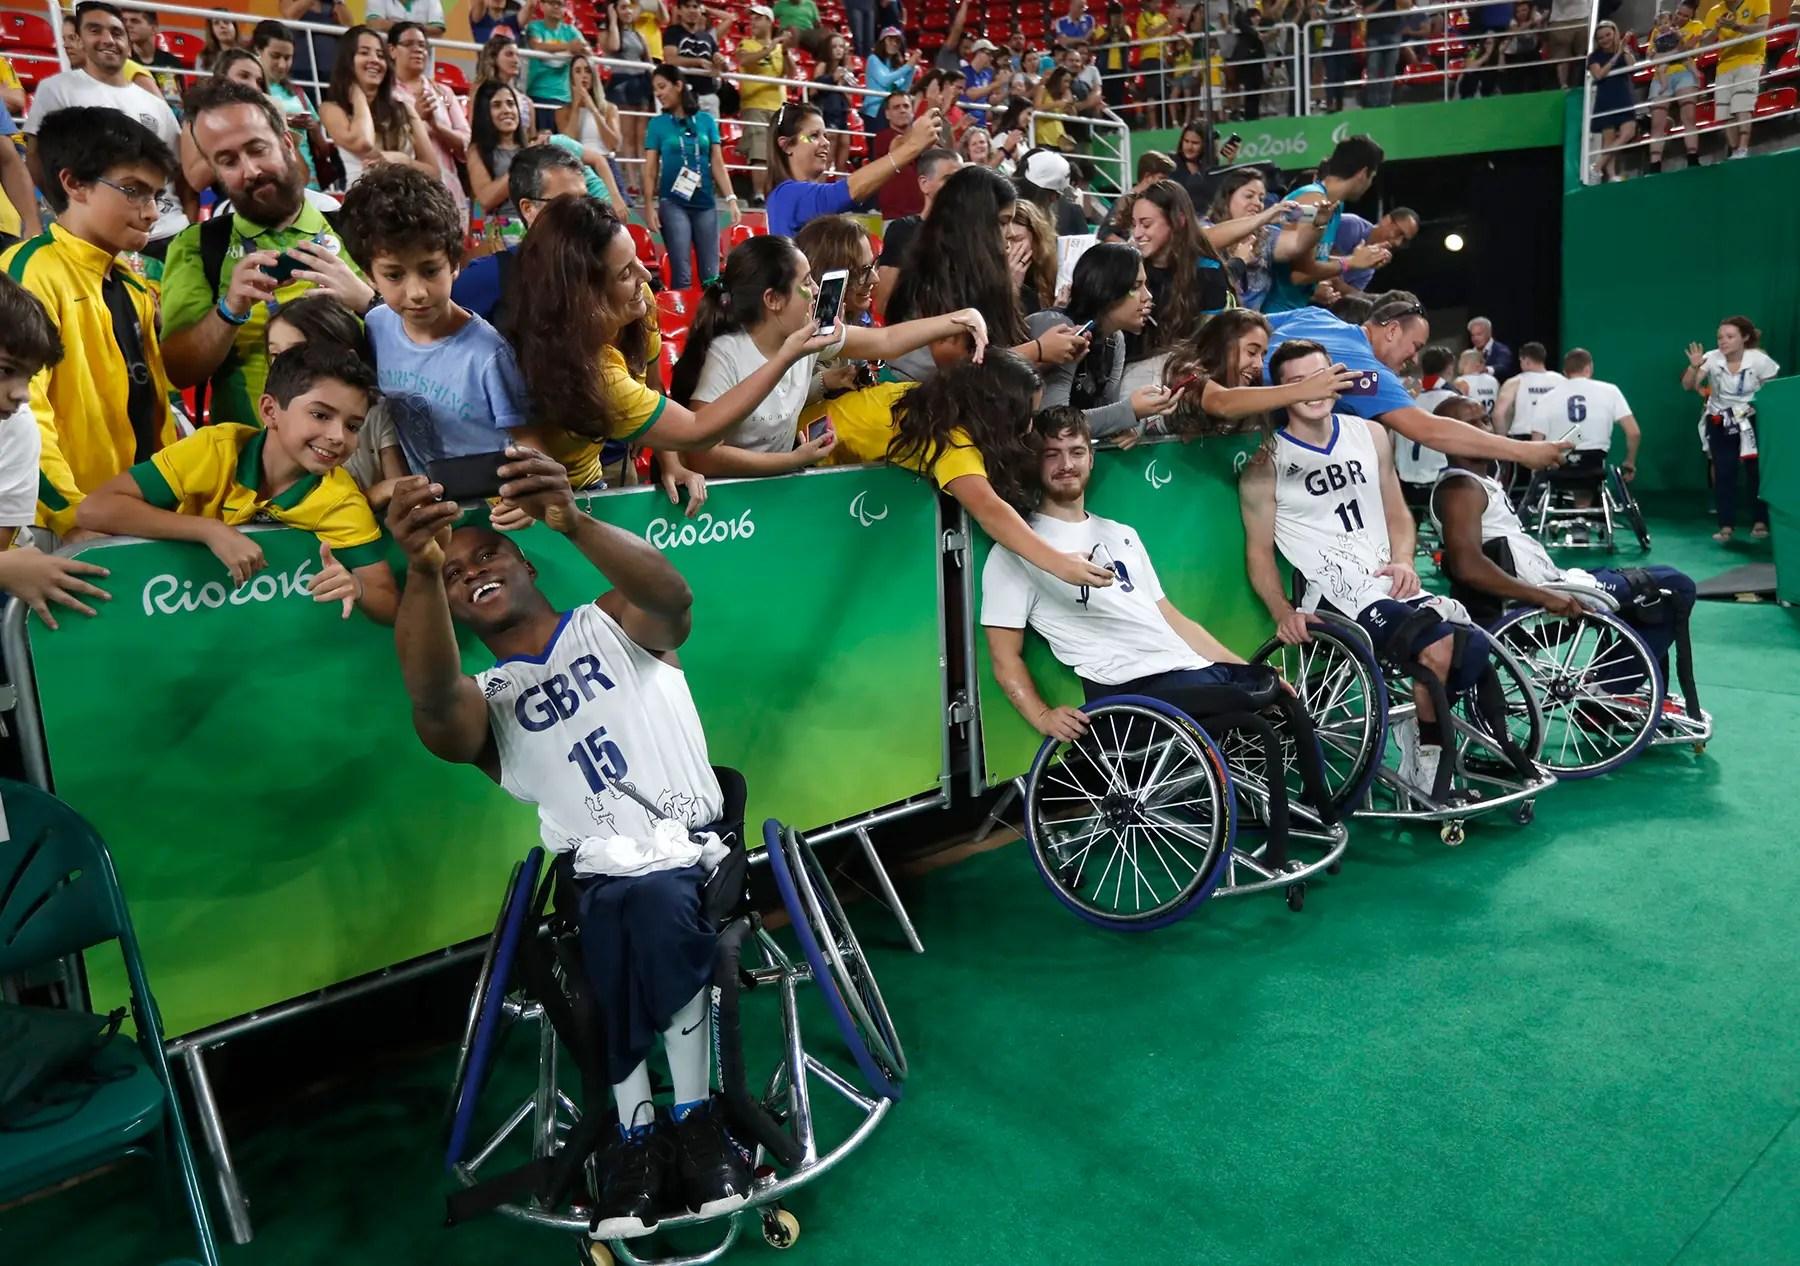 Los miembros del equipo de baloncesto en silla de ruedas de los hombres del equipo de Gran Bretaña posan para selfies después de un partido.